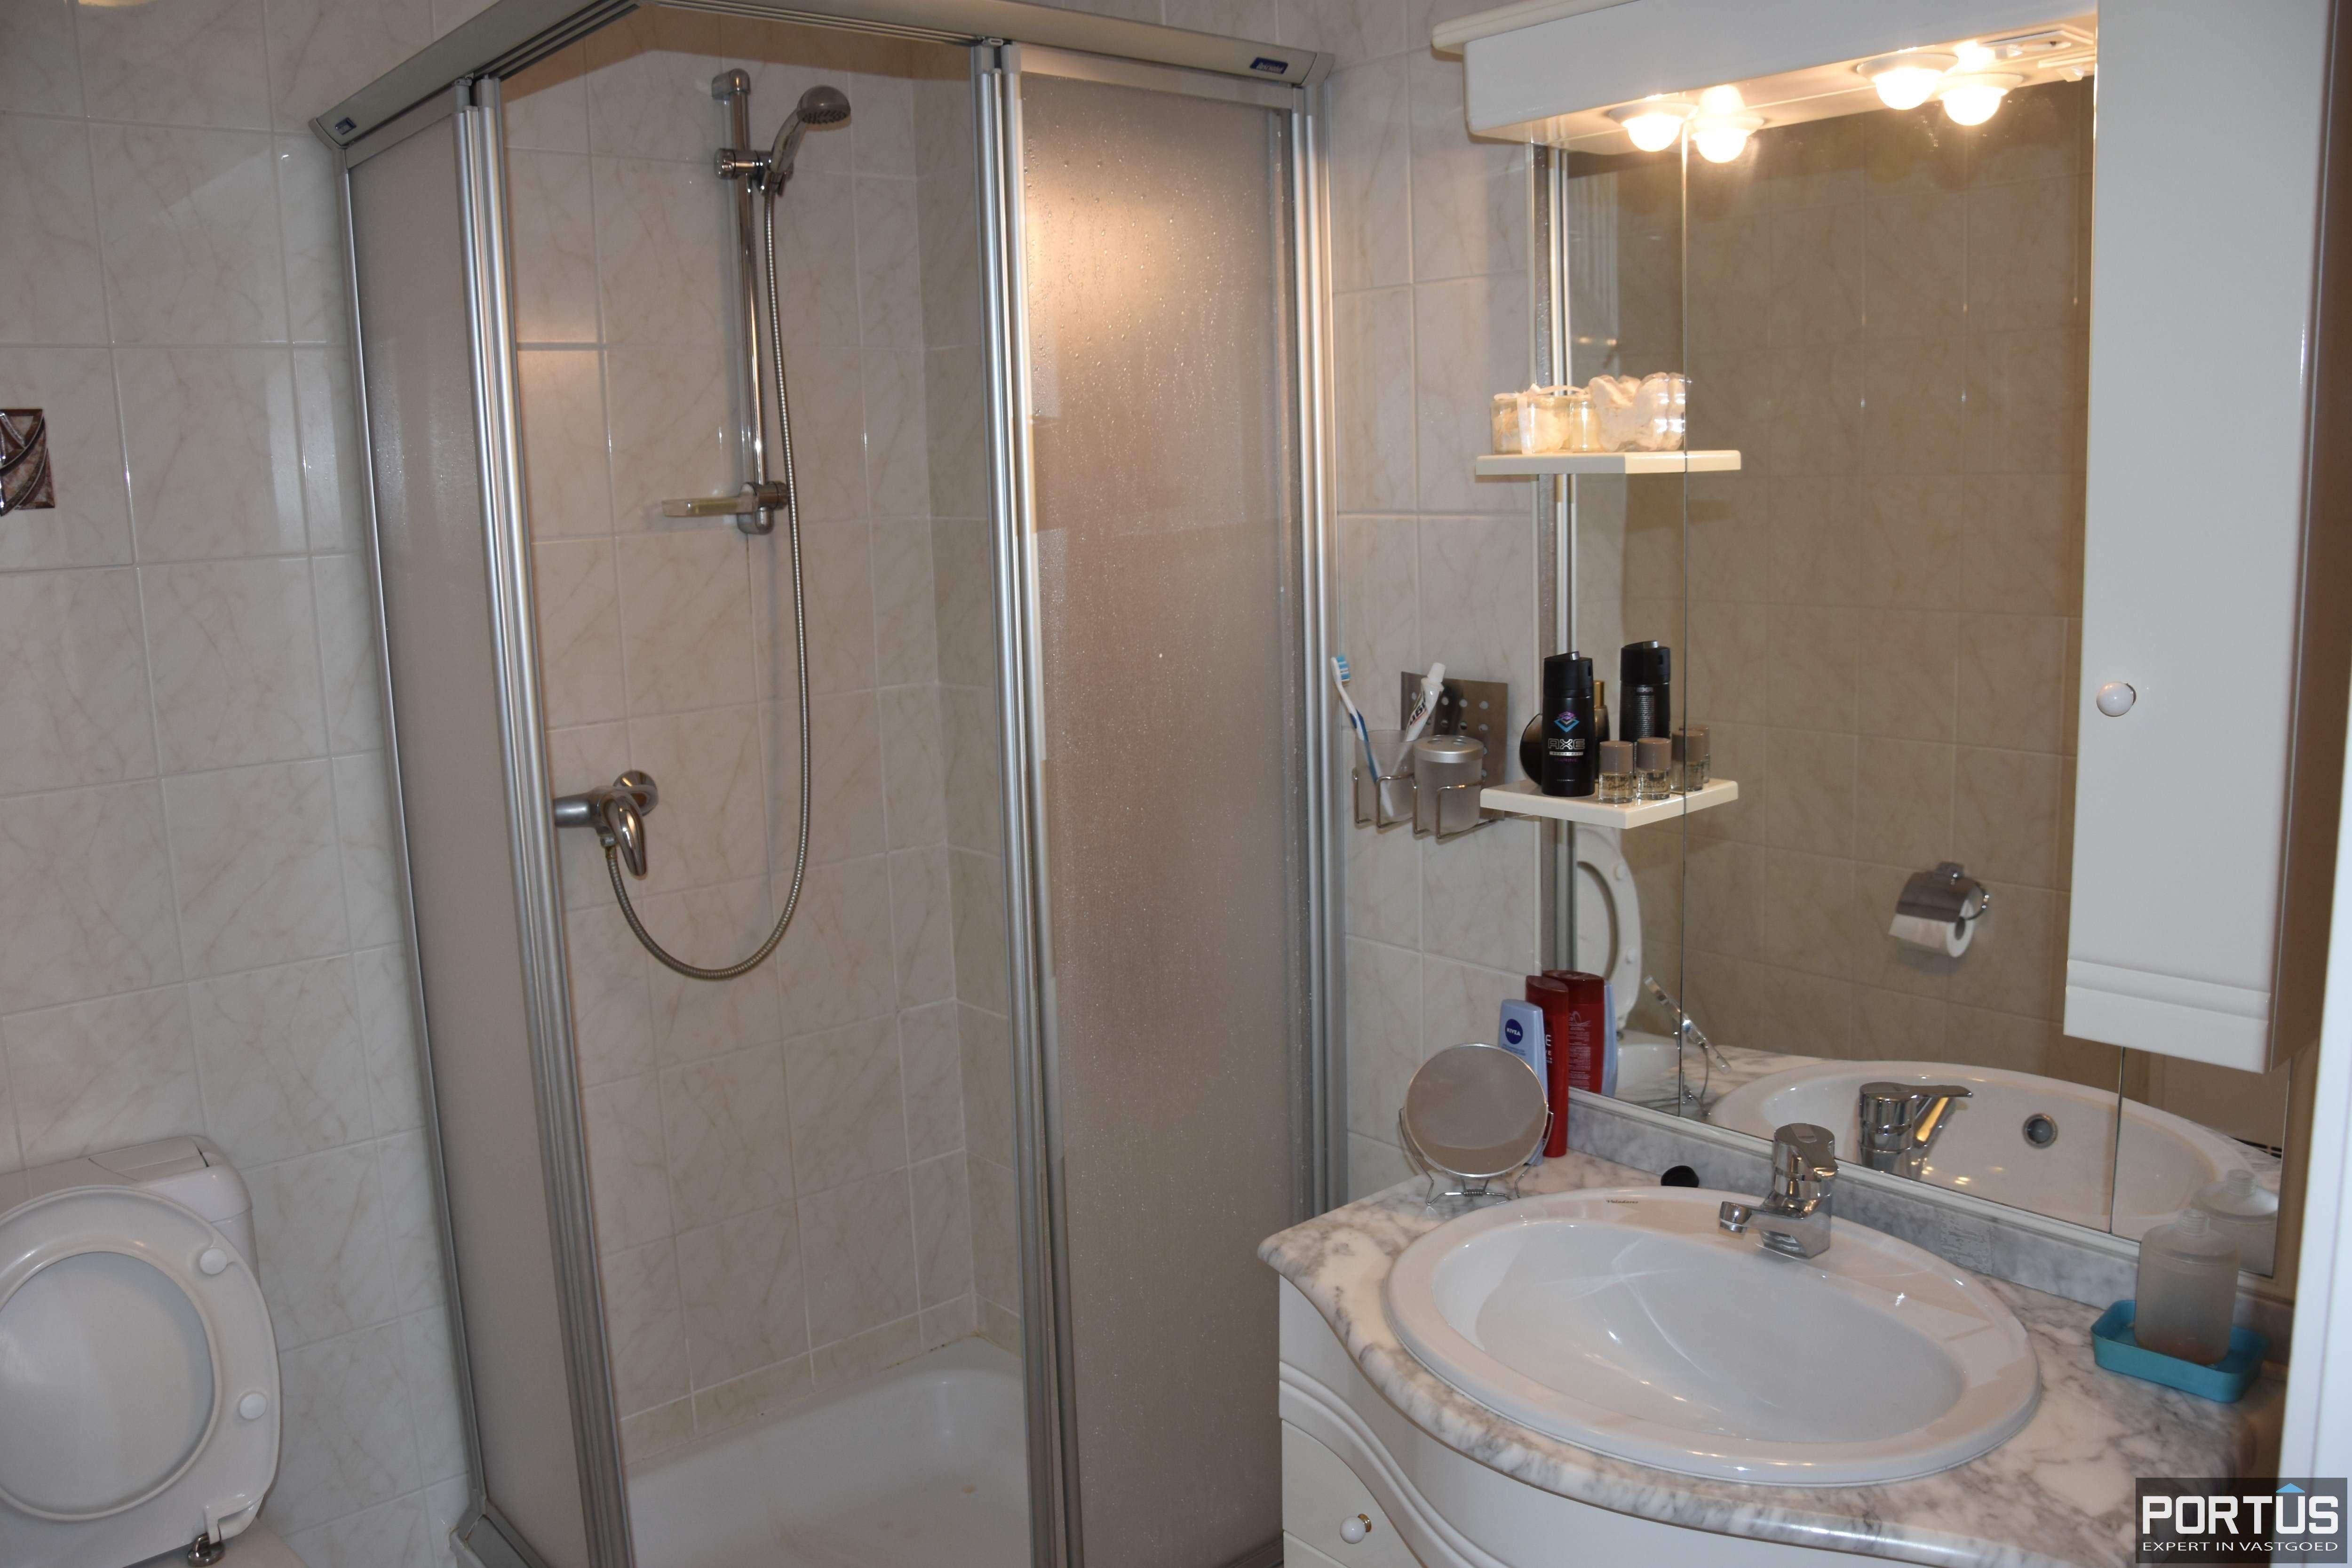 Appartement te huur met 1 slaapkamer te Nieuwpoort - 11652